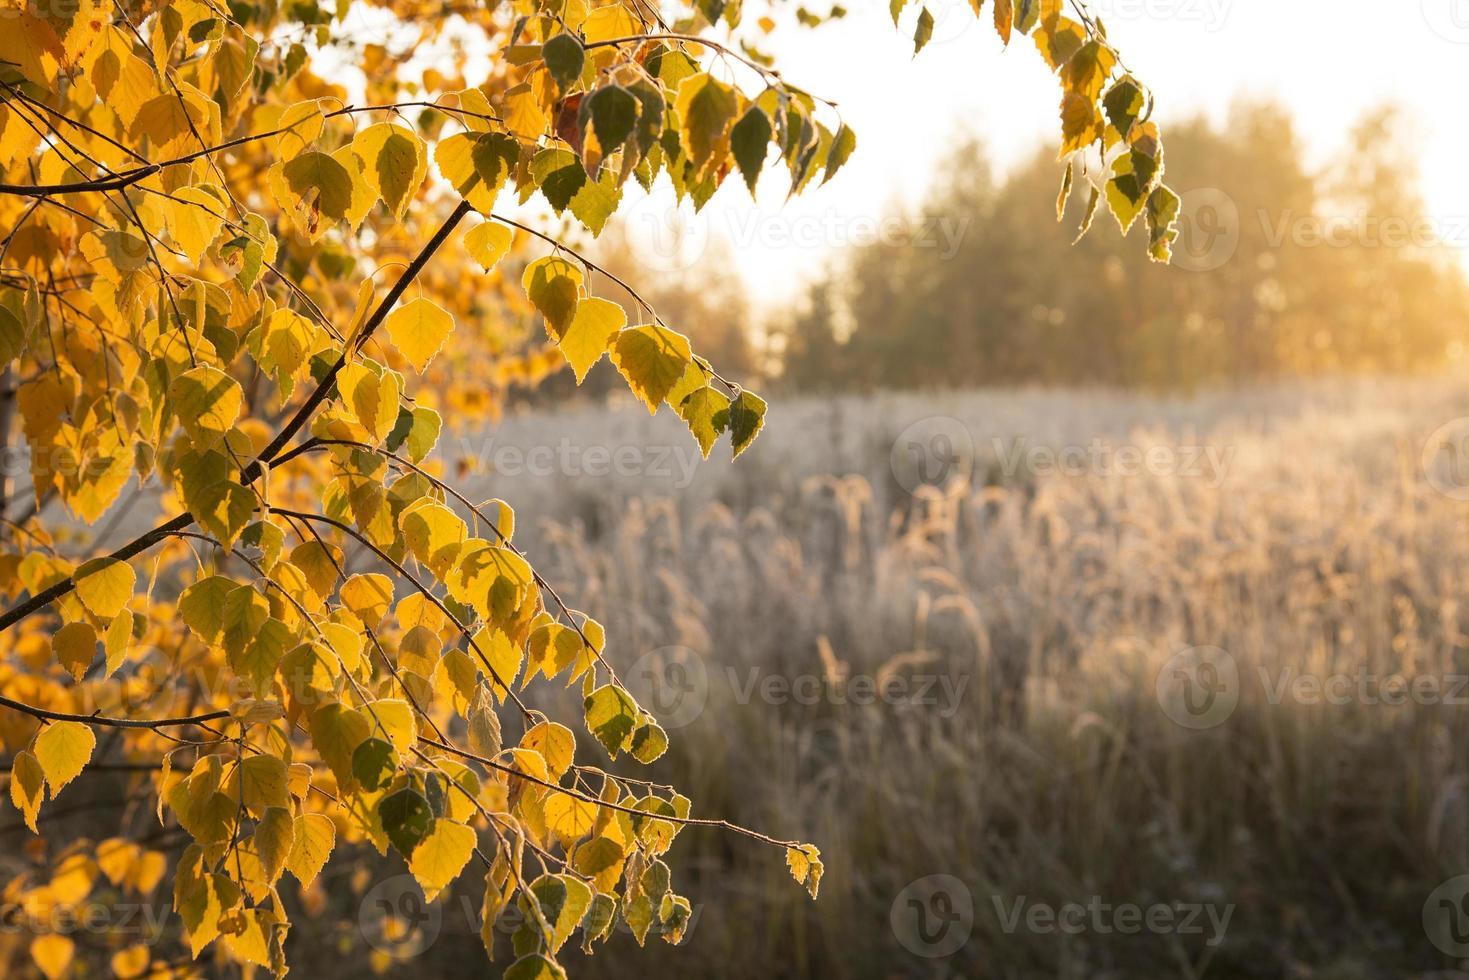 amanecer de otoño foto